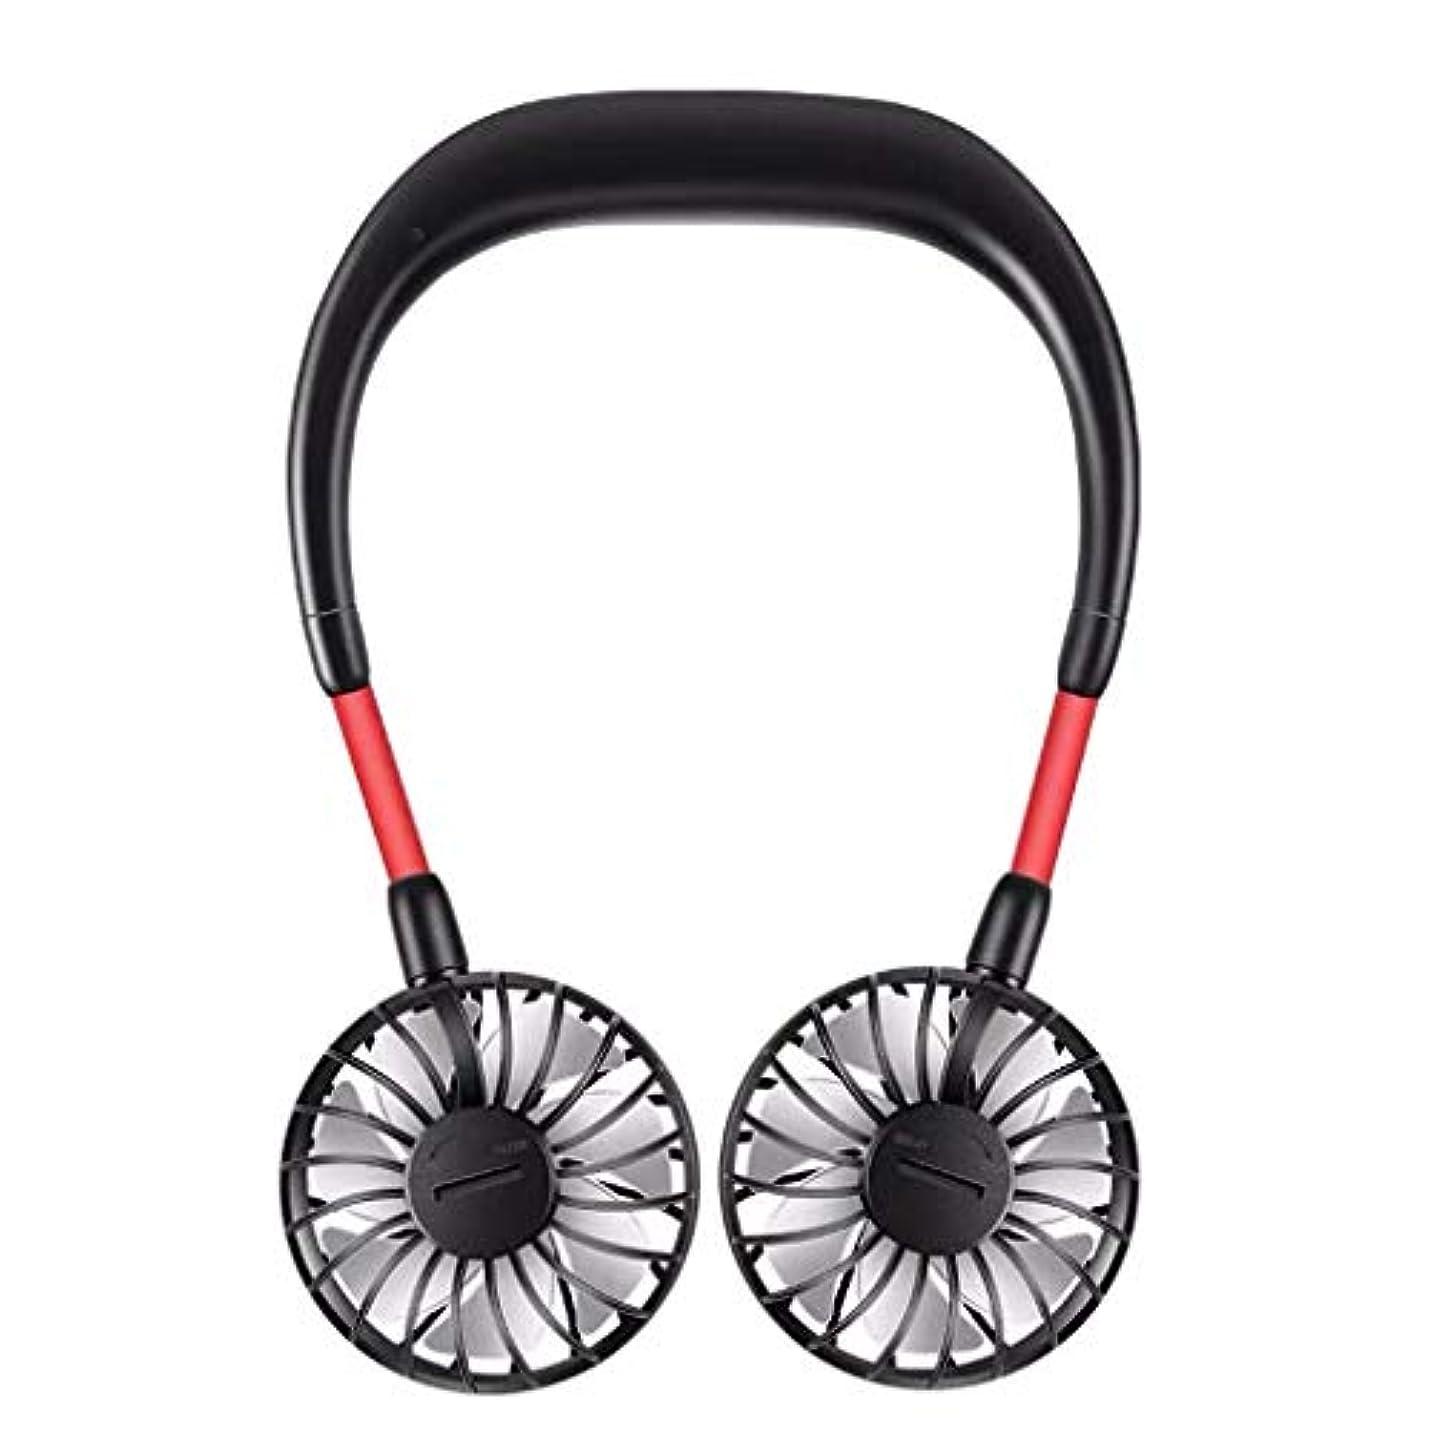 コーラス信頼性のある感情のポータブルミニ扇風機、USB、3速風速調整大容量のヘアドライヤーの熱放散ハンドヘルド充電冷却360°自由角度調整の簡単操作簡単にクリーン(複数色) (Color : Black)